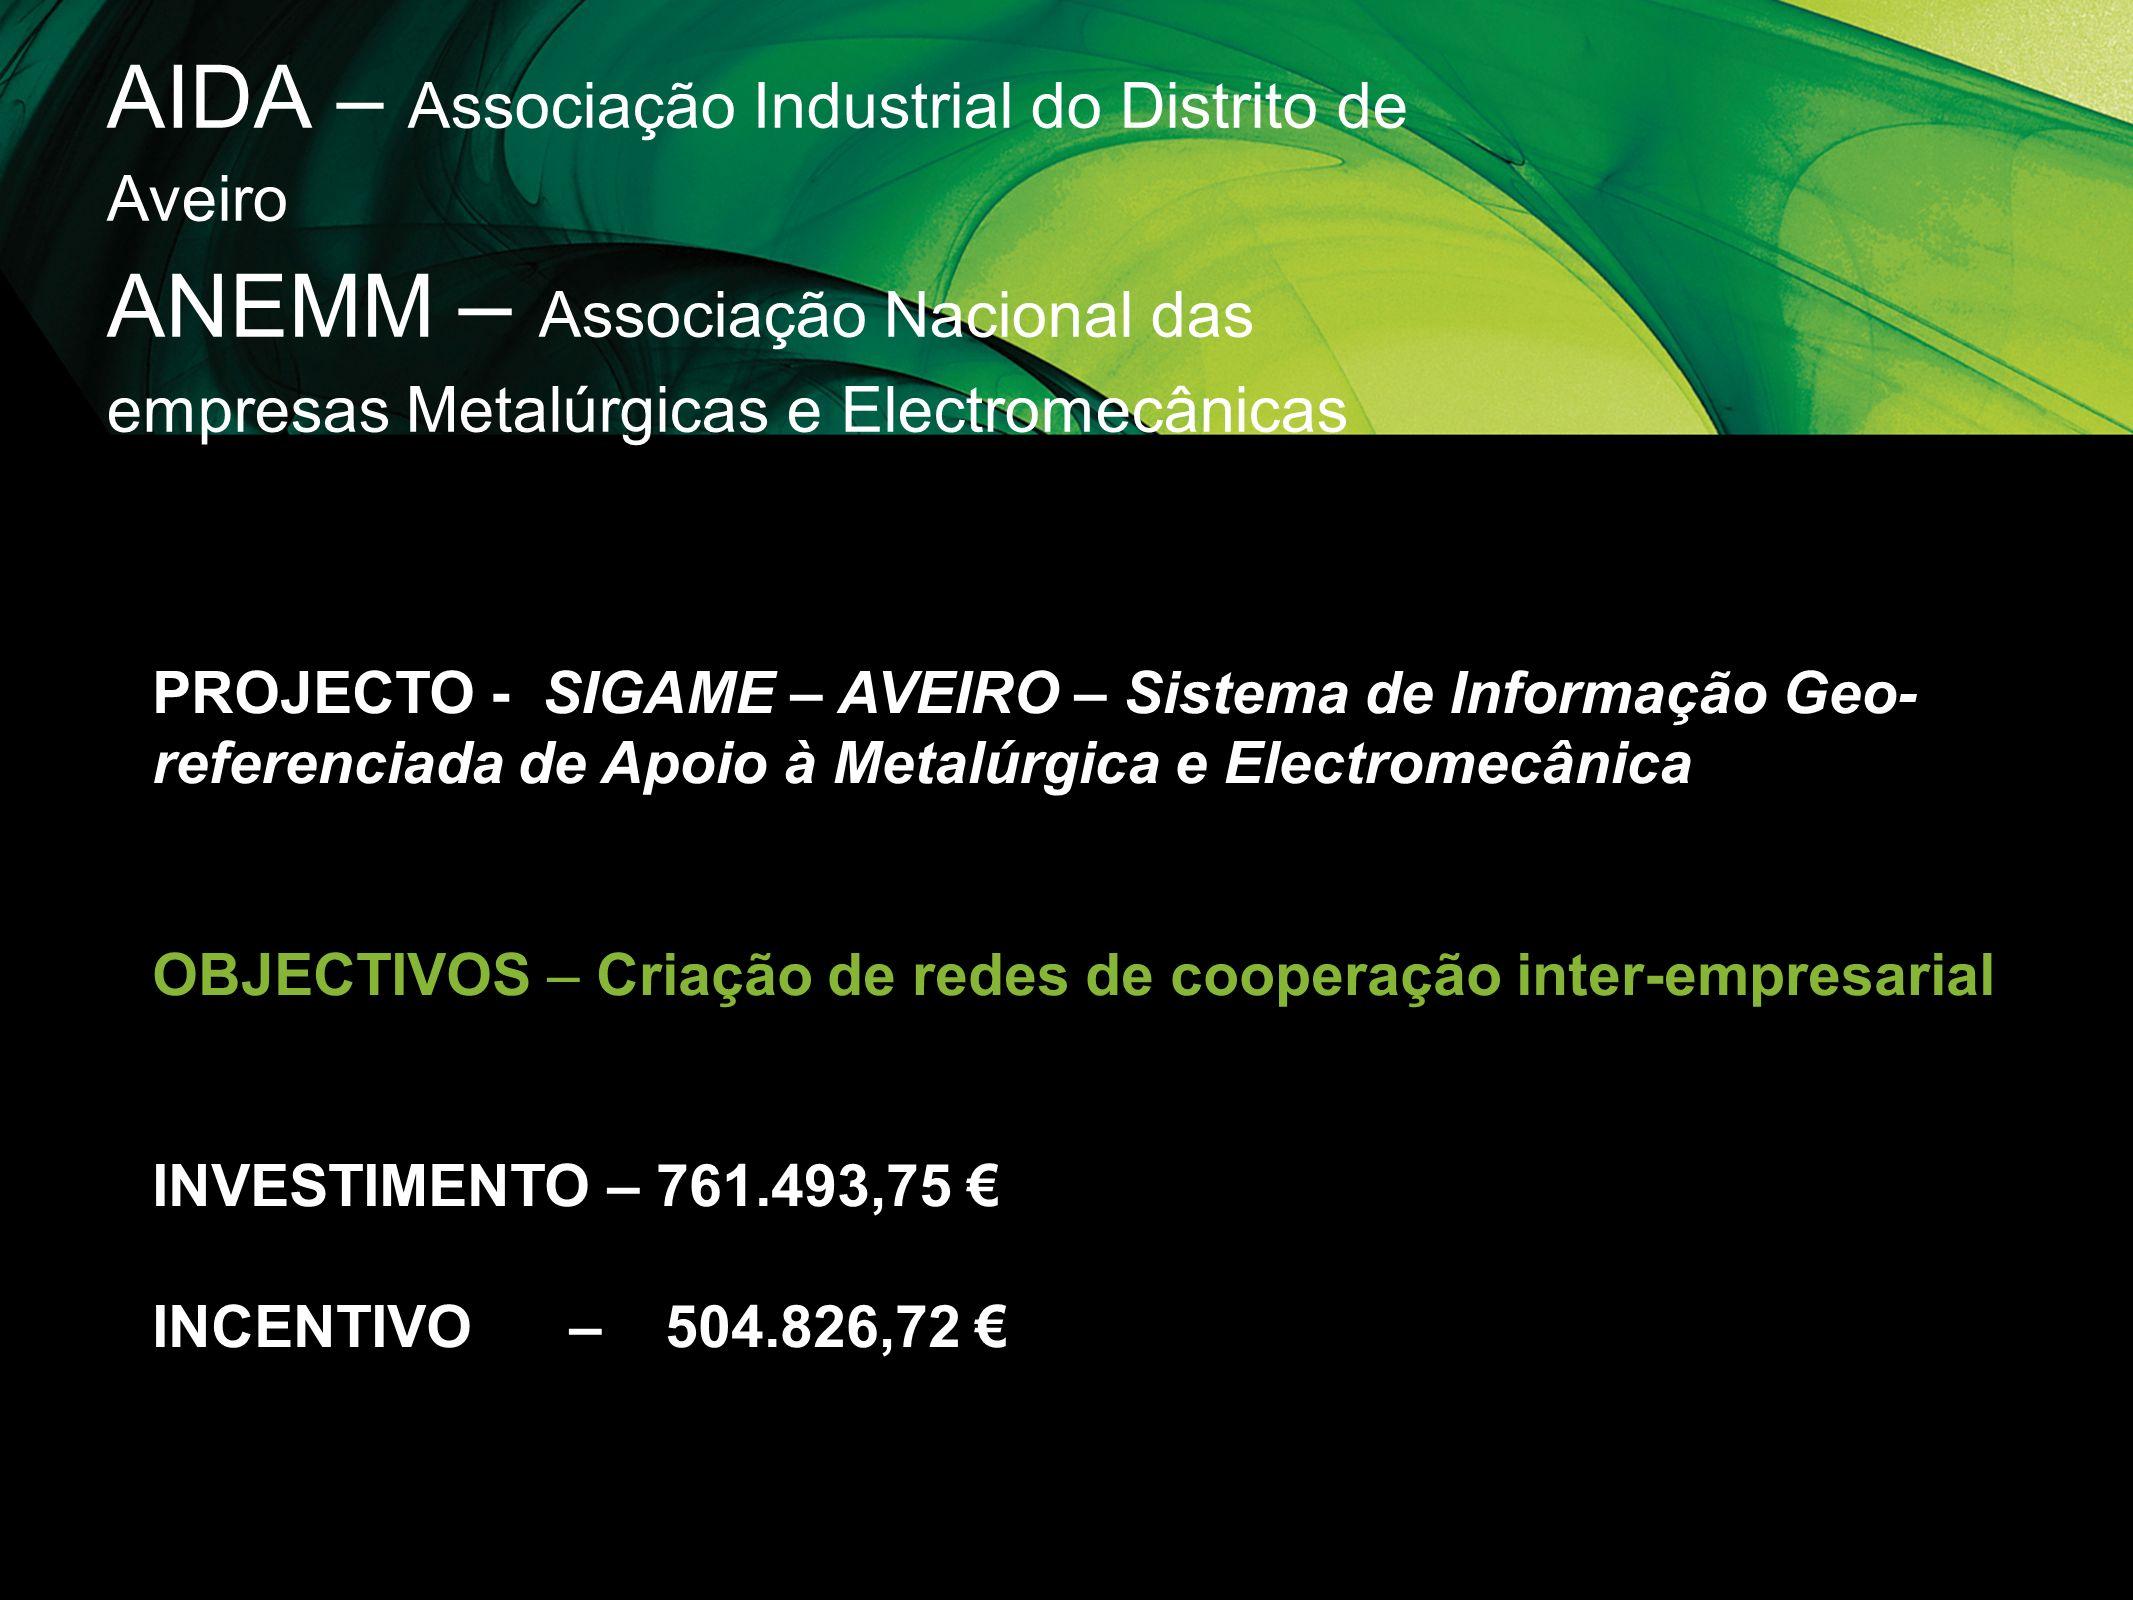 AIDA – Associação Industrial do Distrito de Aveiro ANEMM – Associação Nacional das empresas Metalúrgicas e Electromecânicas PROJECTO - SIGAME – AVEIRO